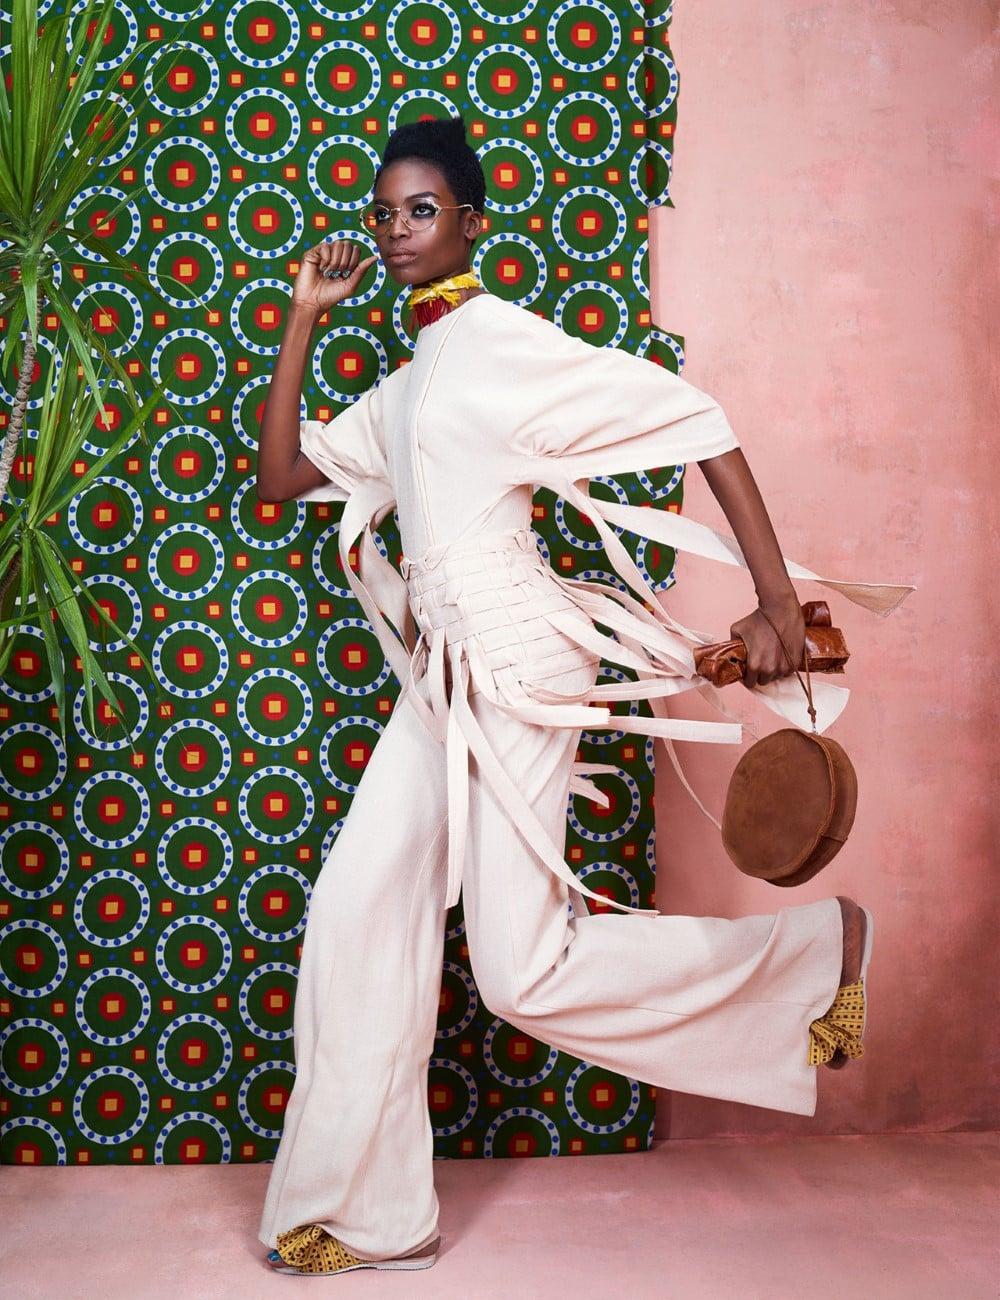 africa-rising-ed-singleton-models- (8).jpg